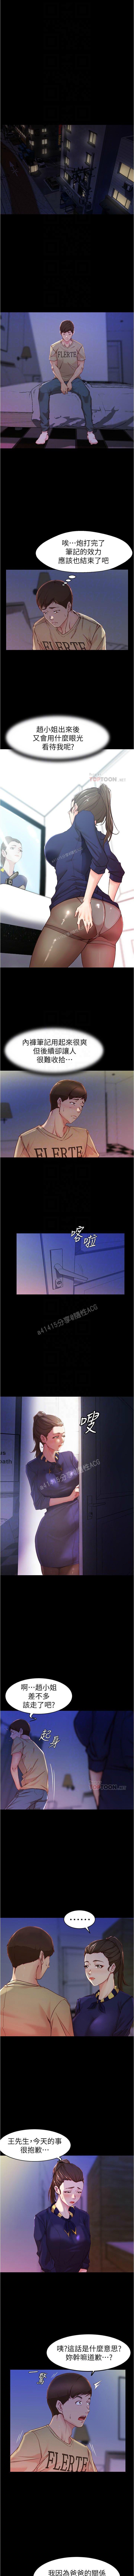 panty note 小褲褲筆記 小裤裤笔记 01-35 连载中 中文 重新排序 Reorder 163